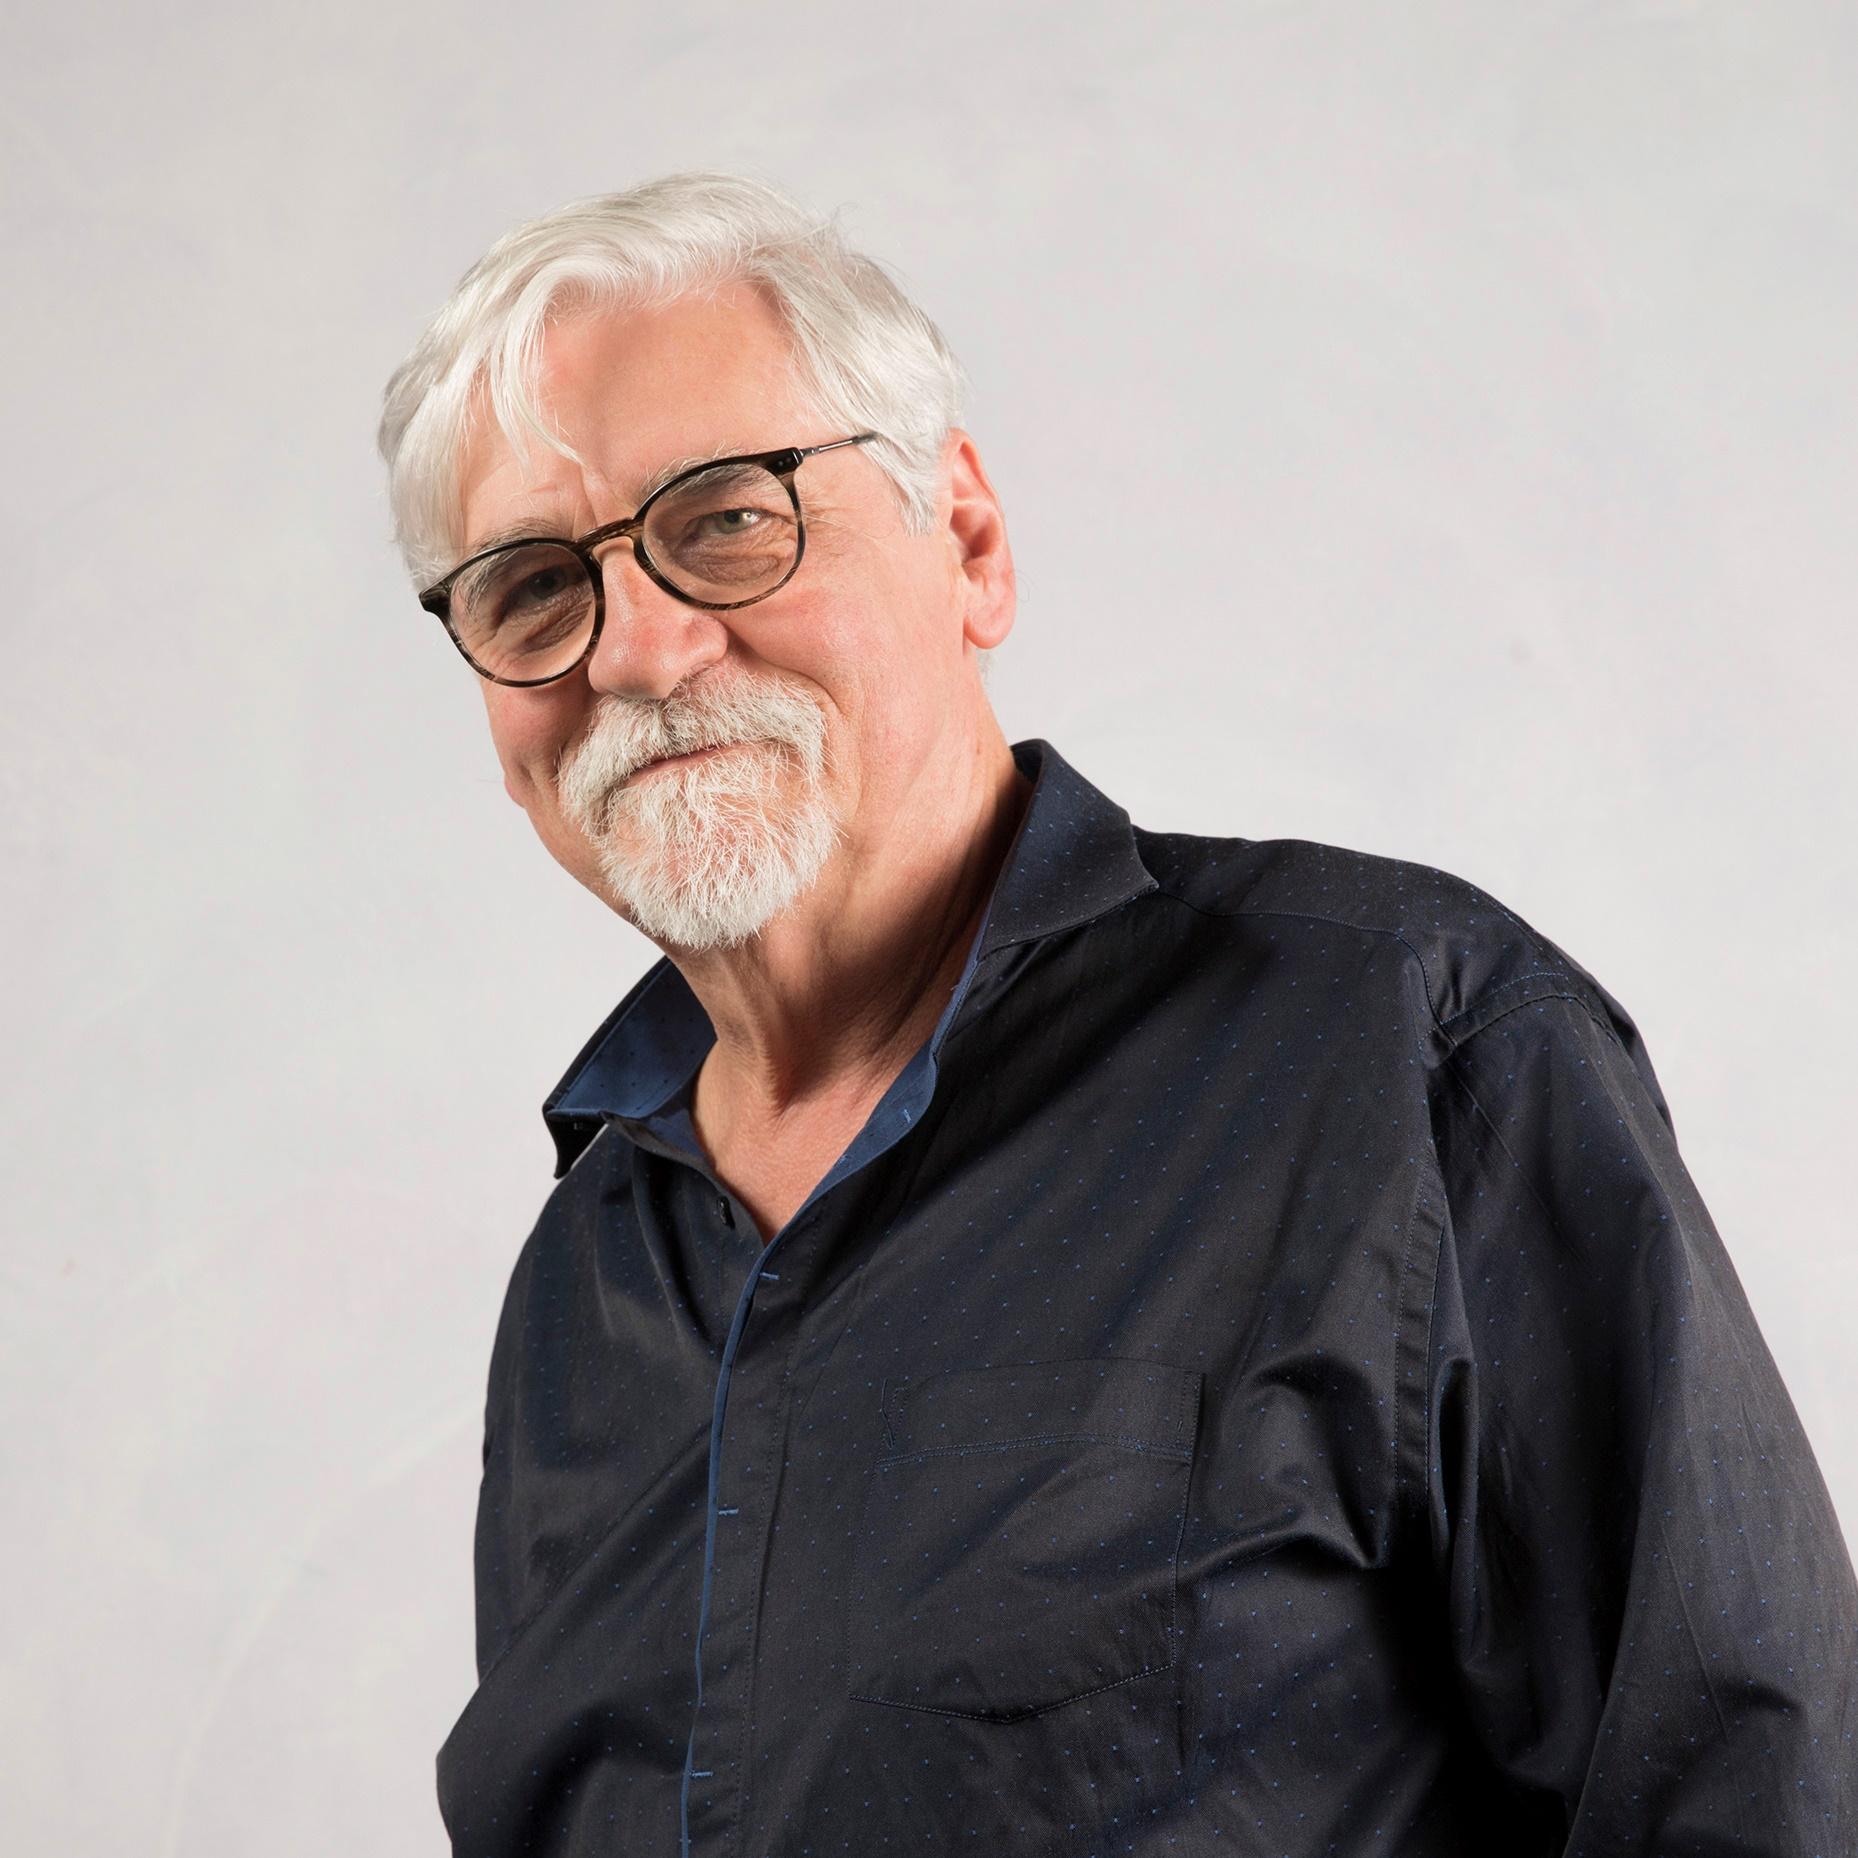 Portrait de Jean-Paul MALAVAL - auteur présent au Salon du Livre de Royat-Chamalières 2019